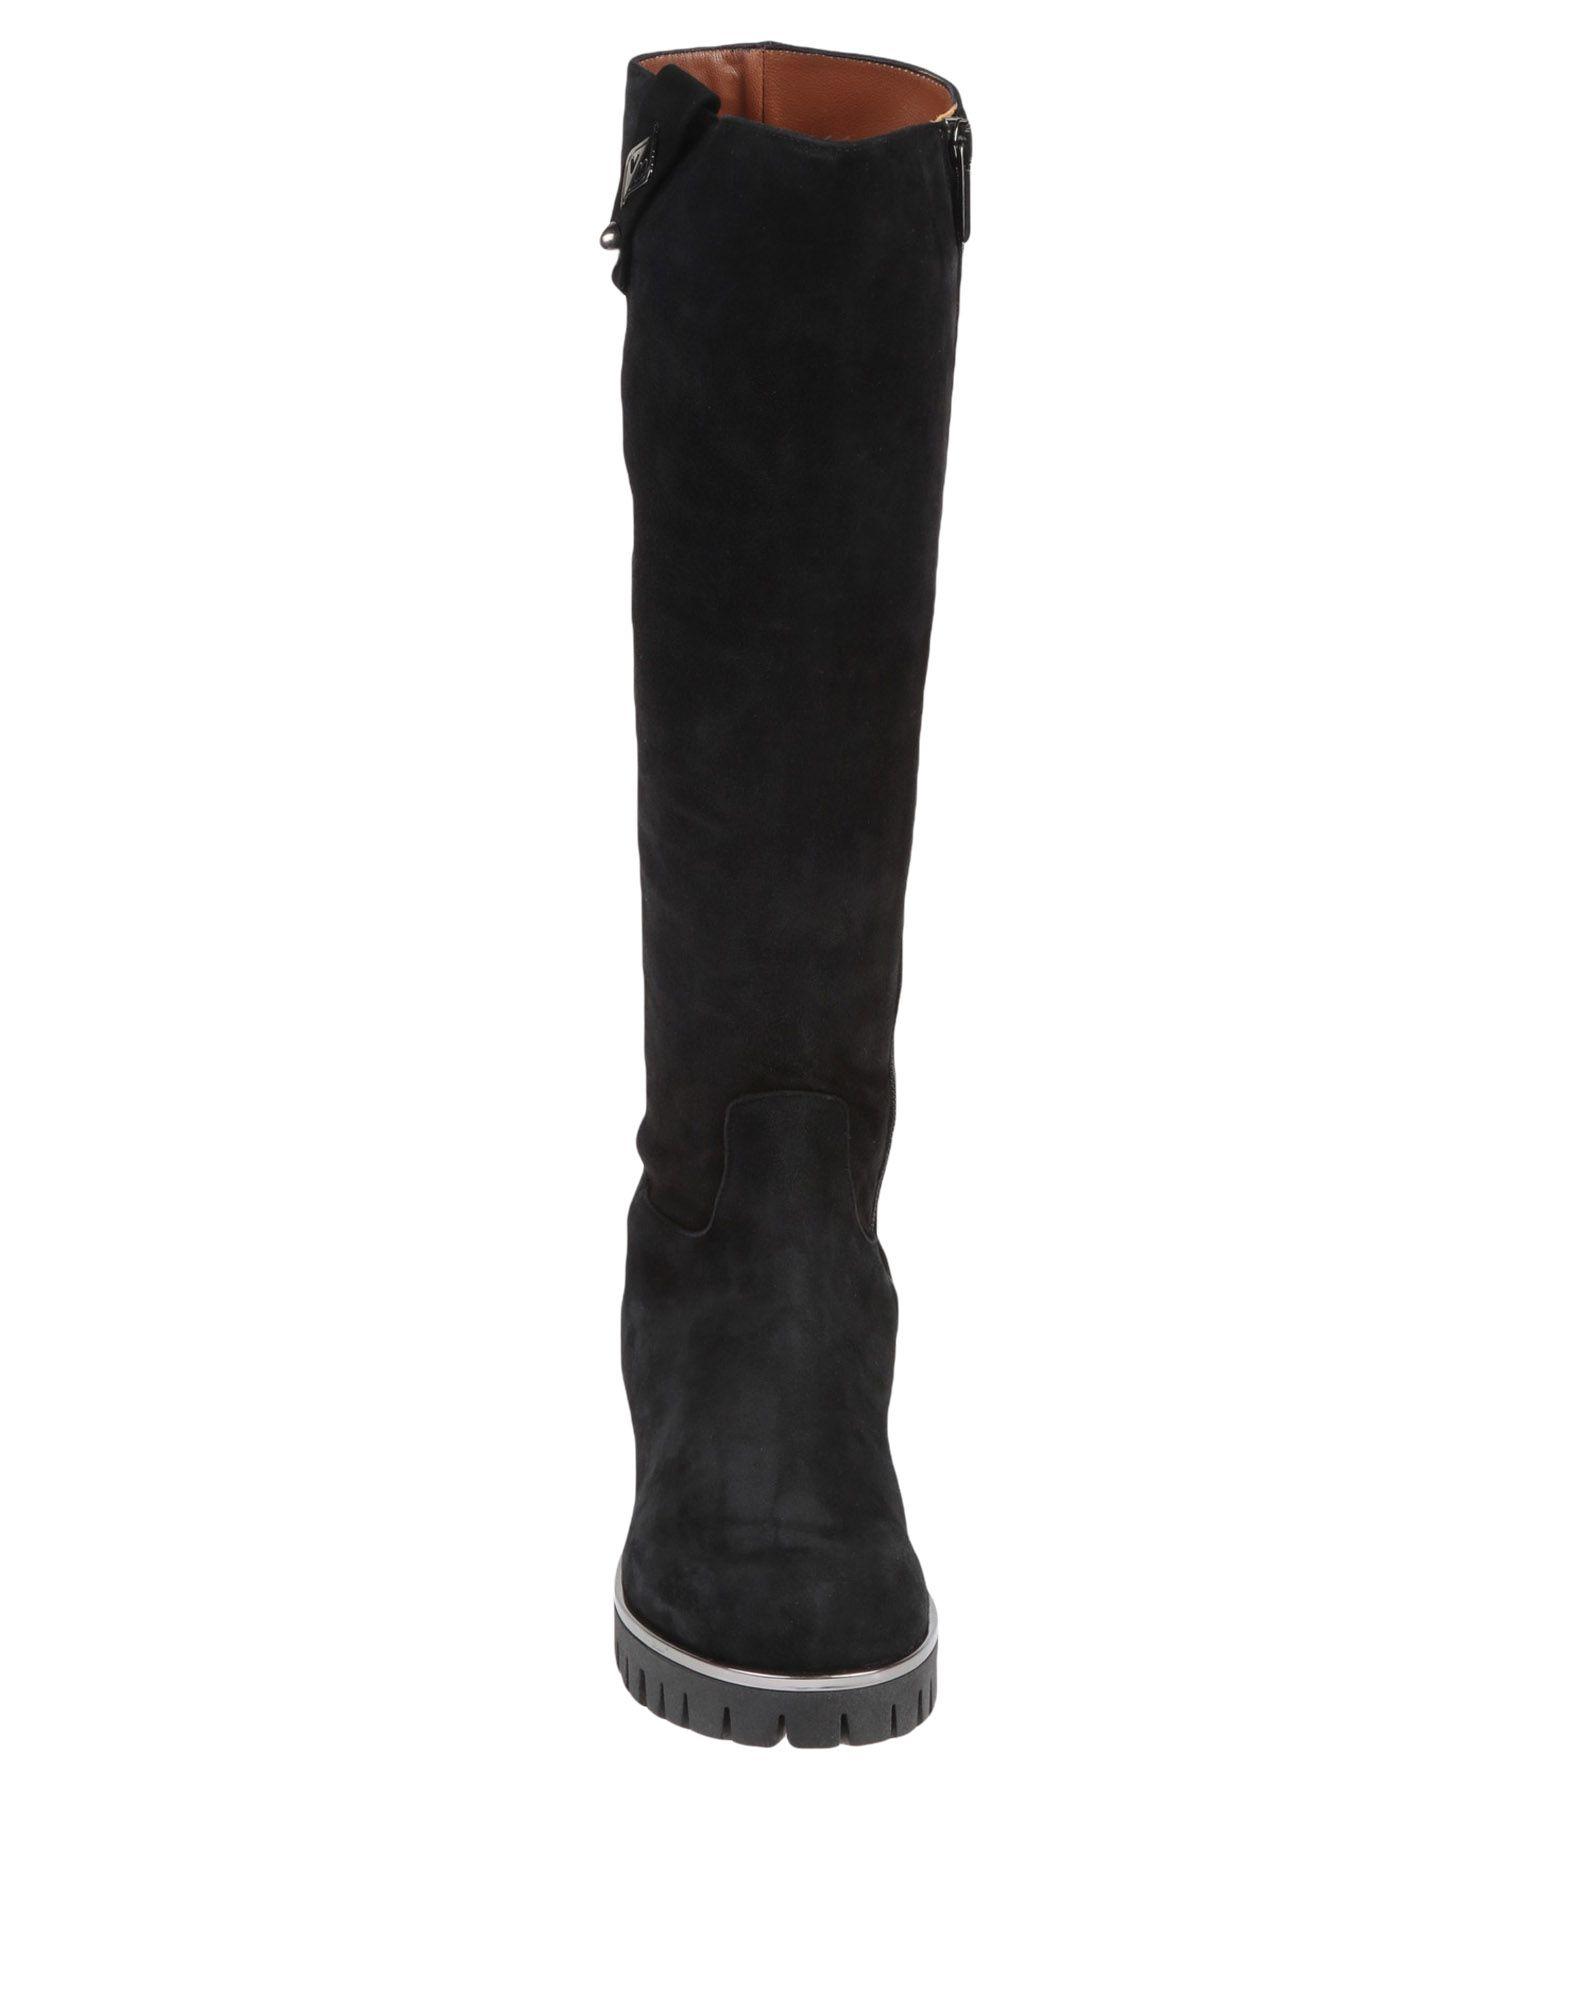 Gut Maniqua' um billige Schuhe zu tragenVerdecchia & Maniqua' Gut Stiefel Damen  11536455FN 1de89d